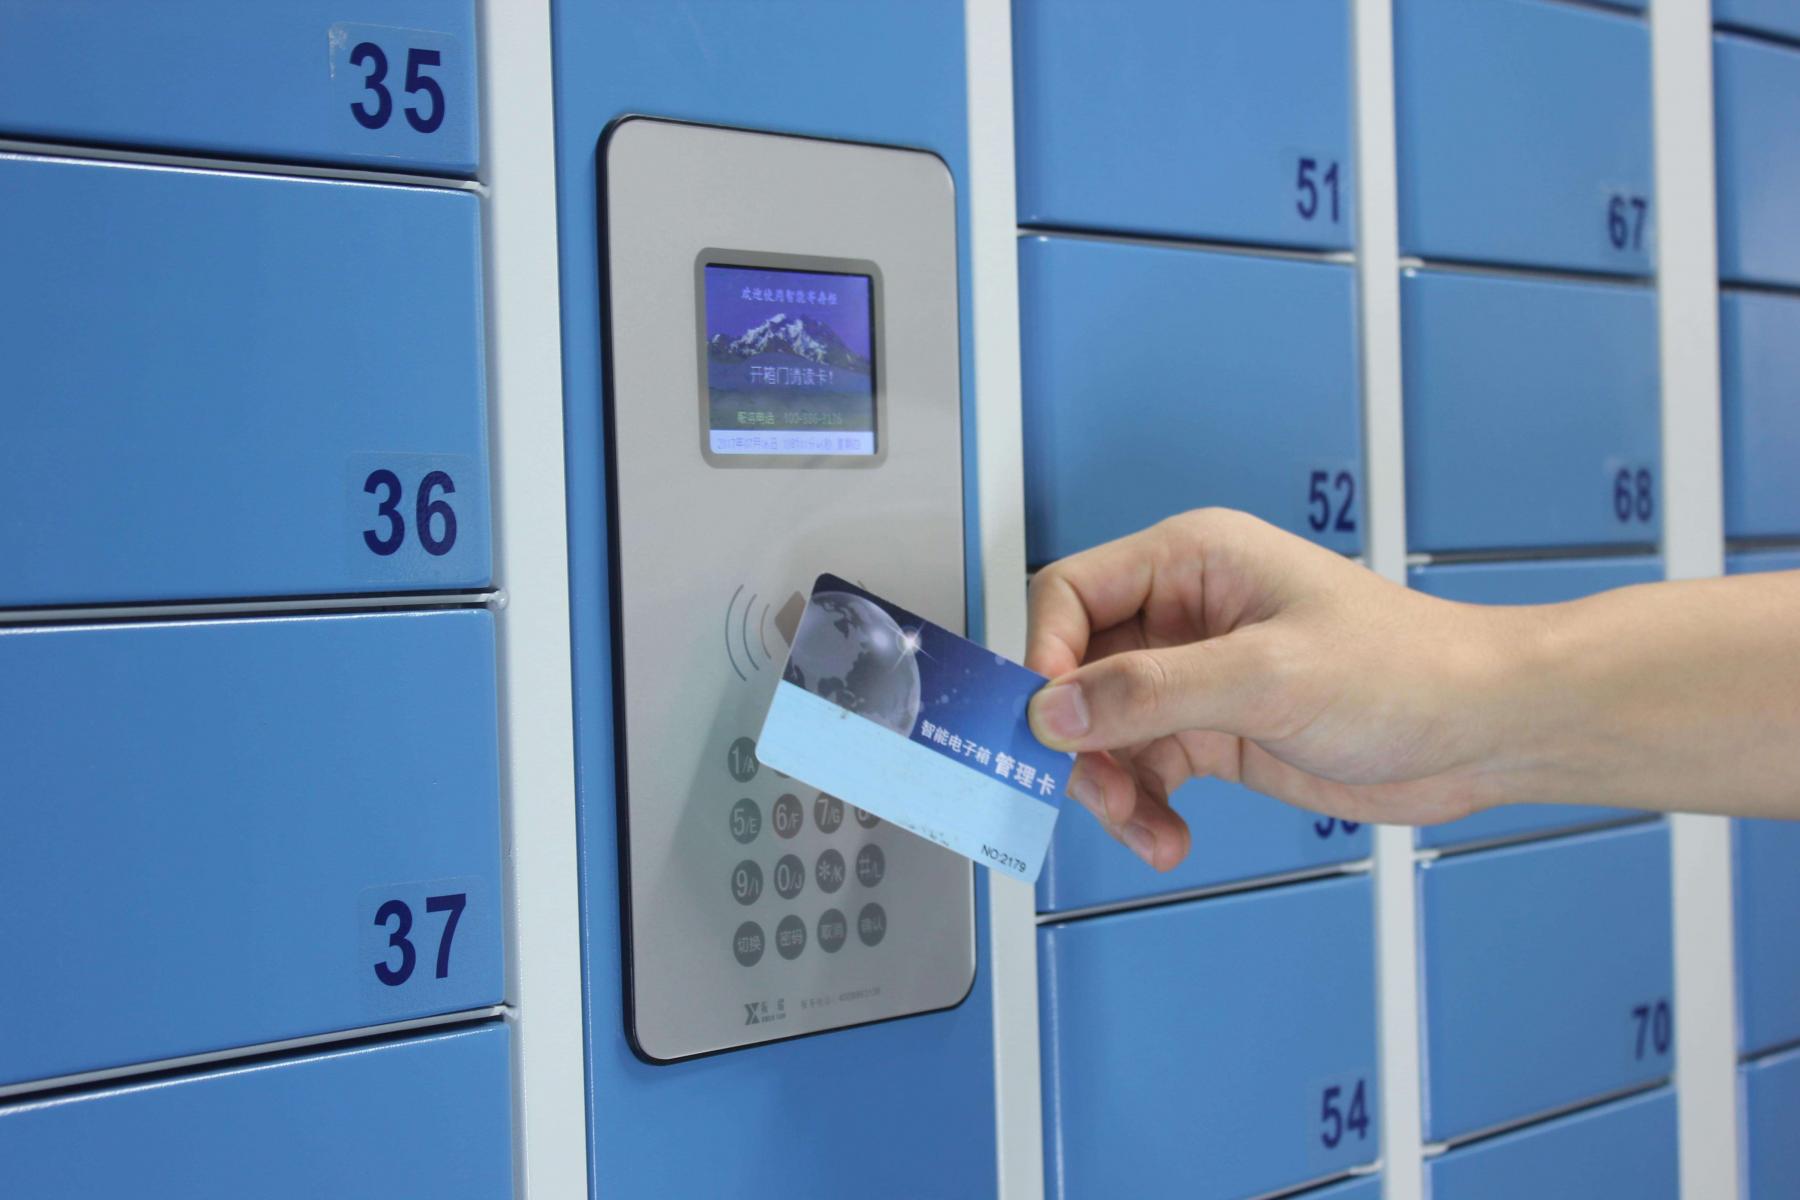 The Smart Express Locker